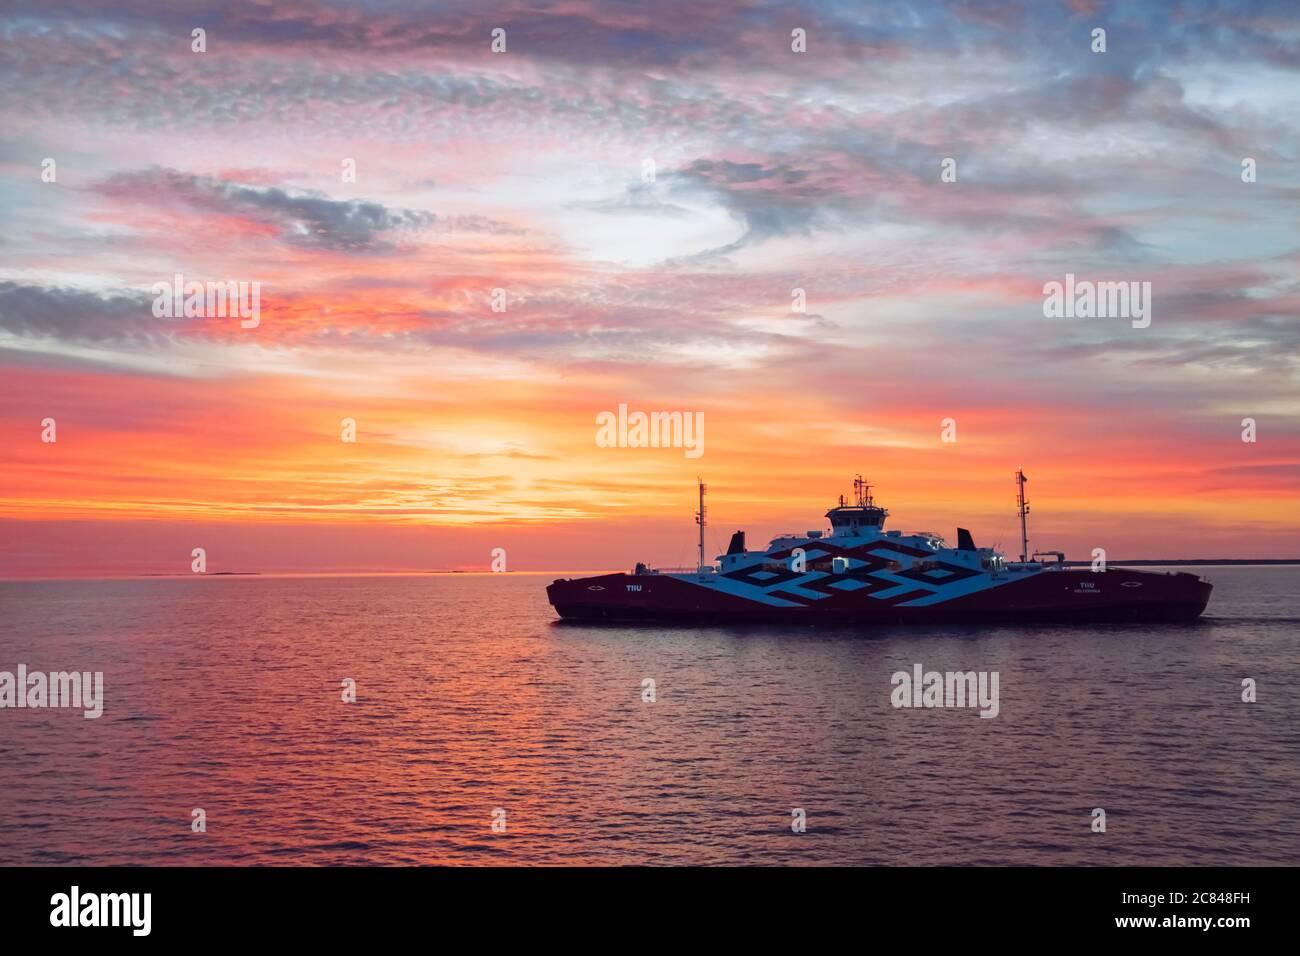 Baltic Sea, Hiiumaa/ Estonia-19JUL2020: Ferry boat called Tiiu between Hiiumaa ( Heltermaa harbor) and Estonia mainland ( Rohuküla, Rohukula) on sea. Stock Photo